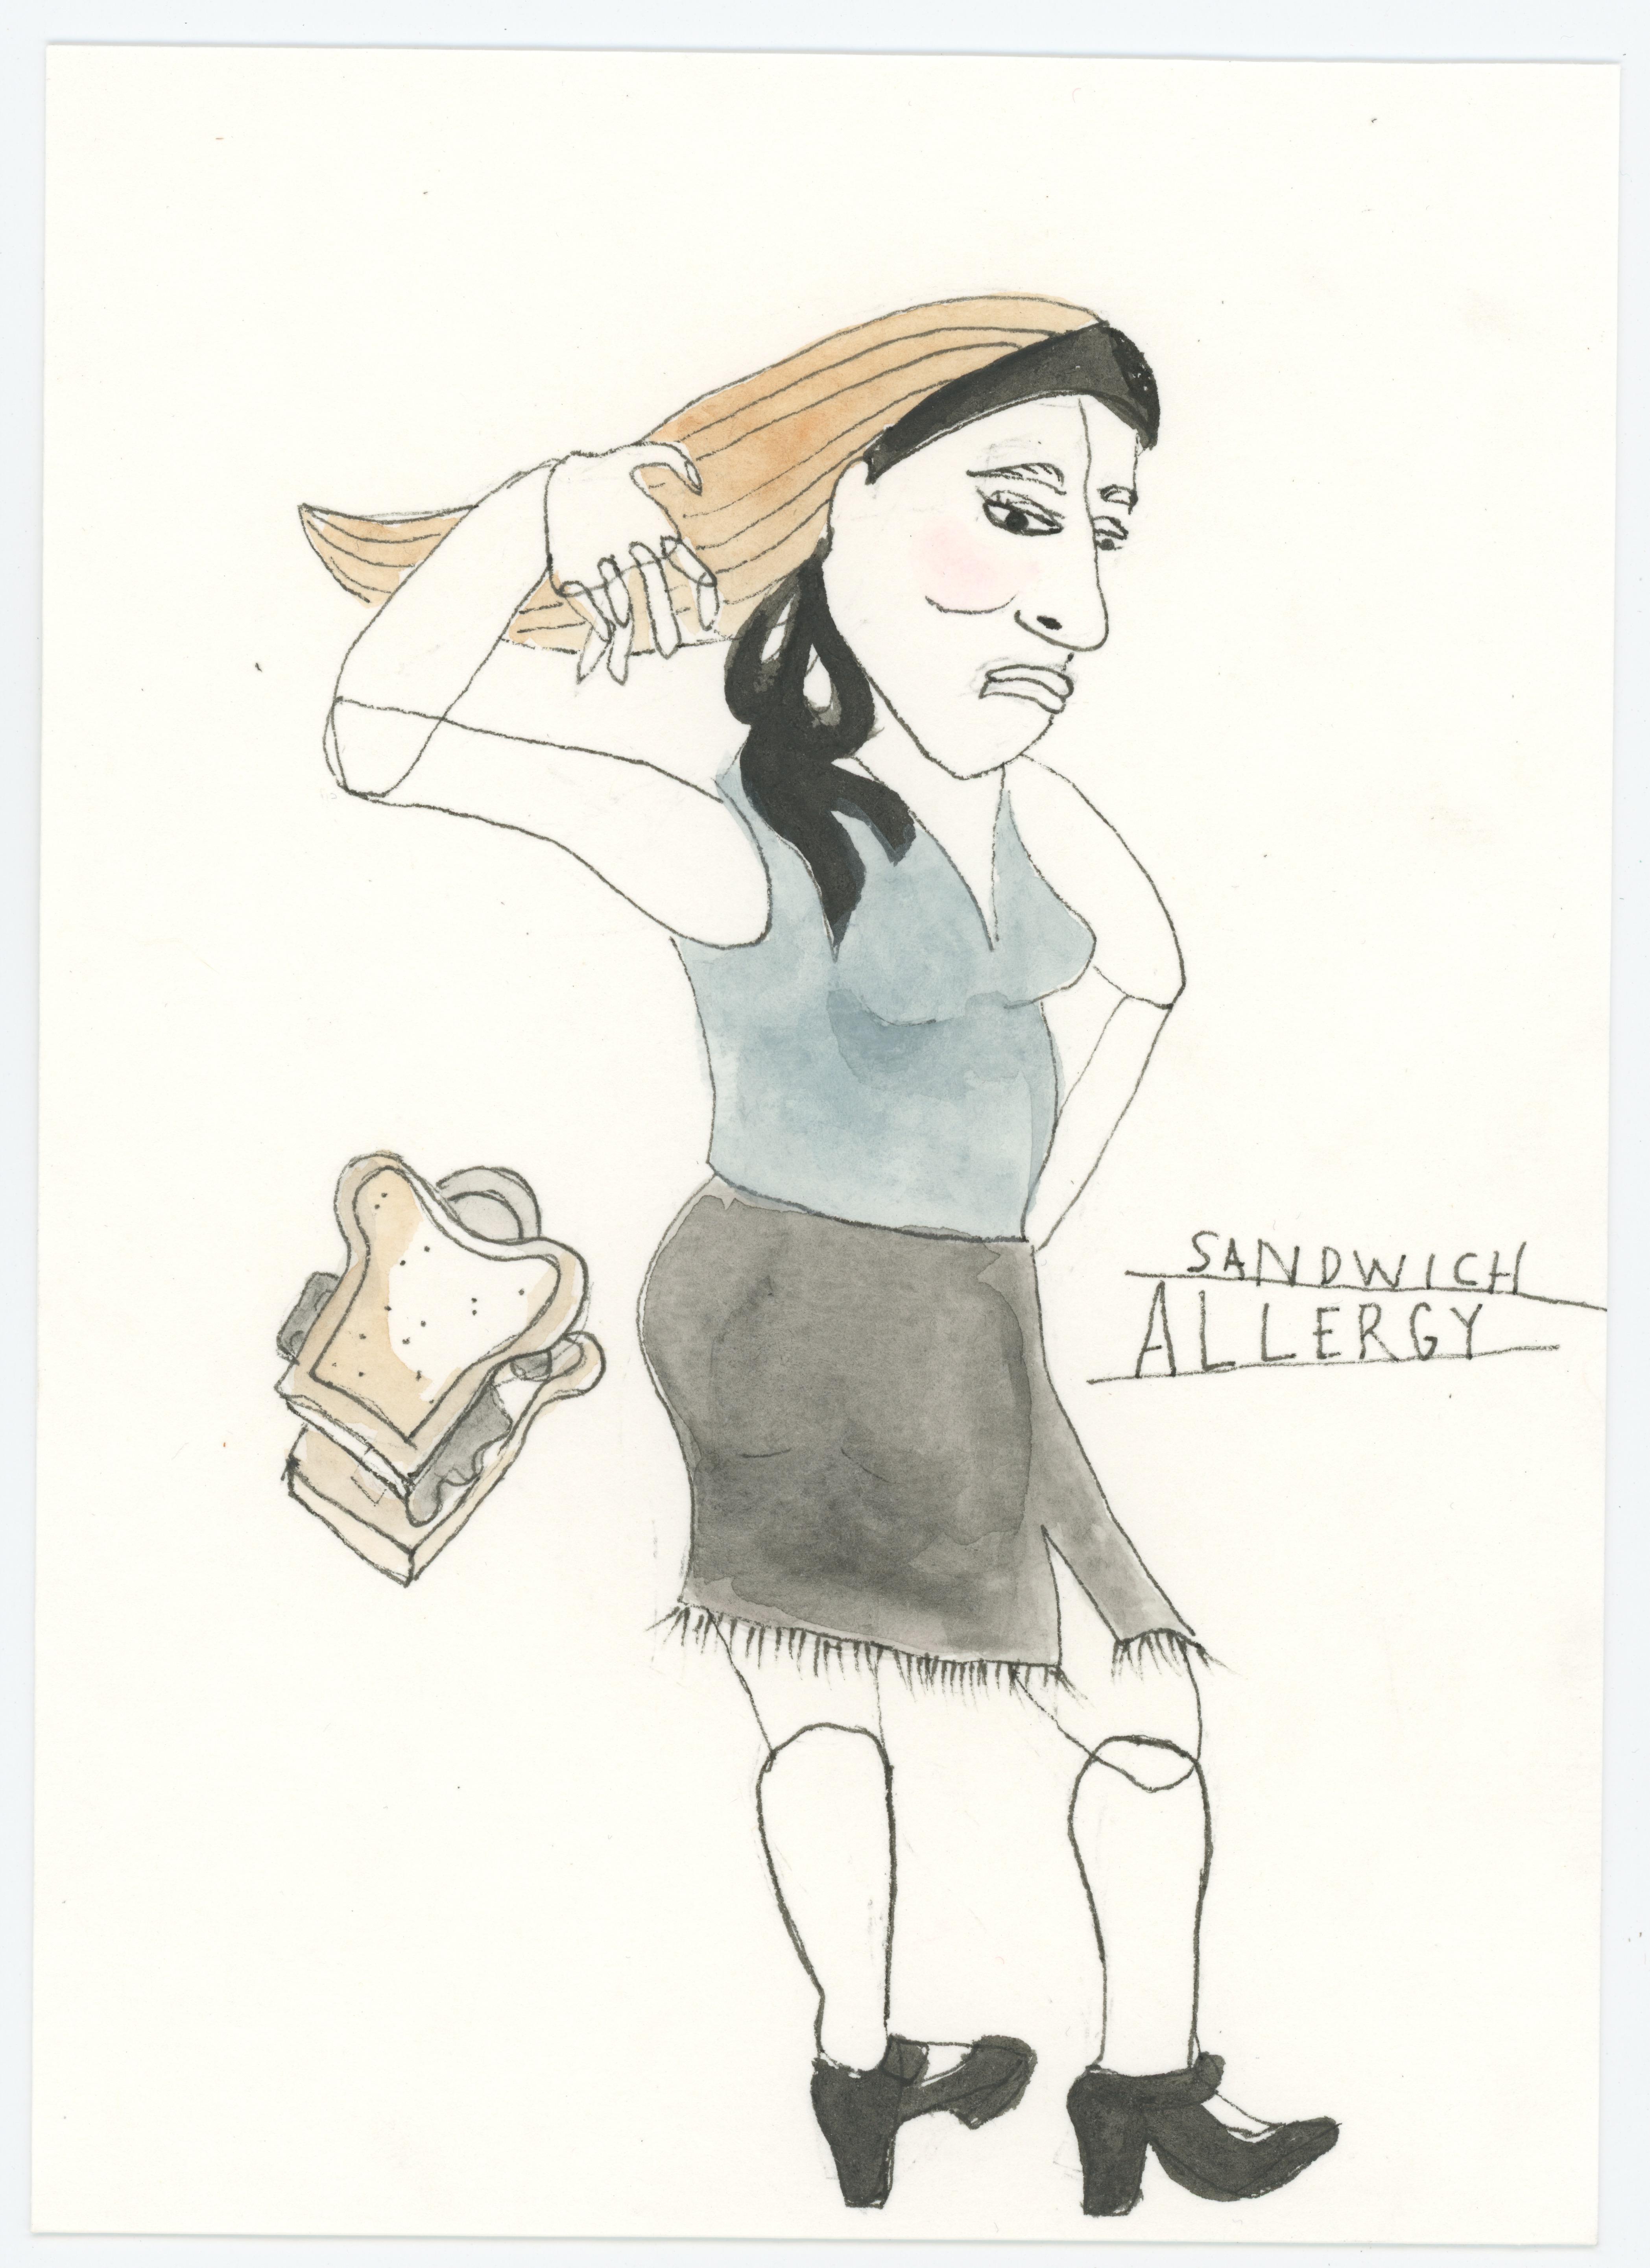 Sandwich Allergy